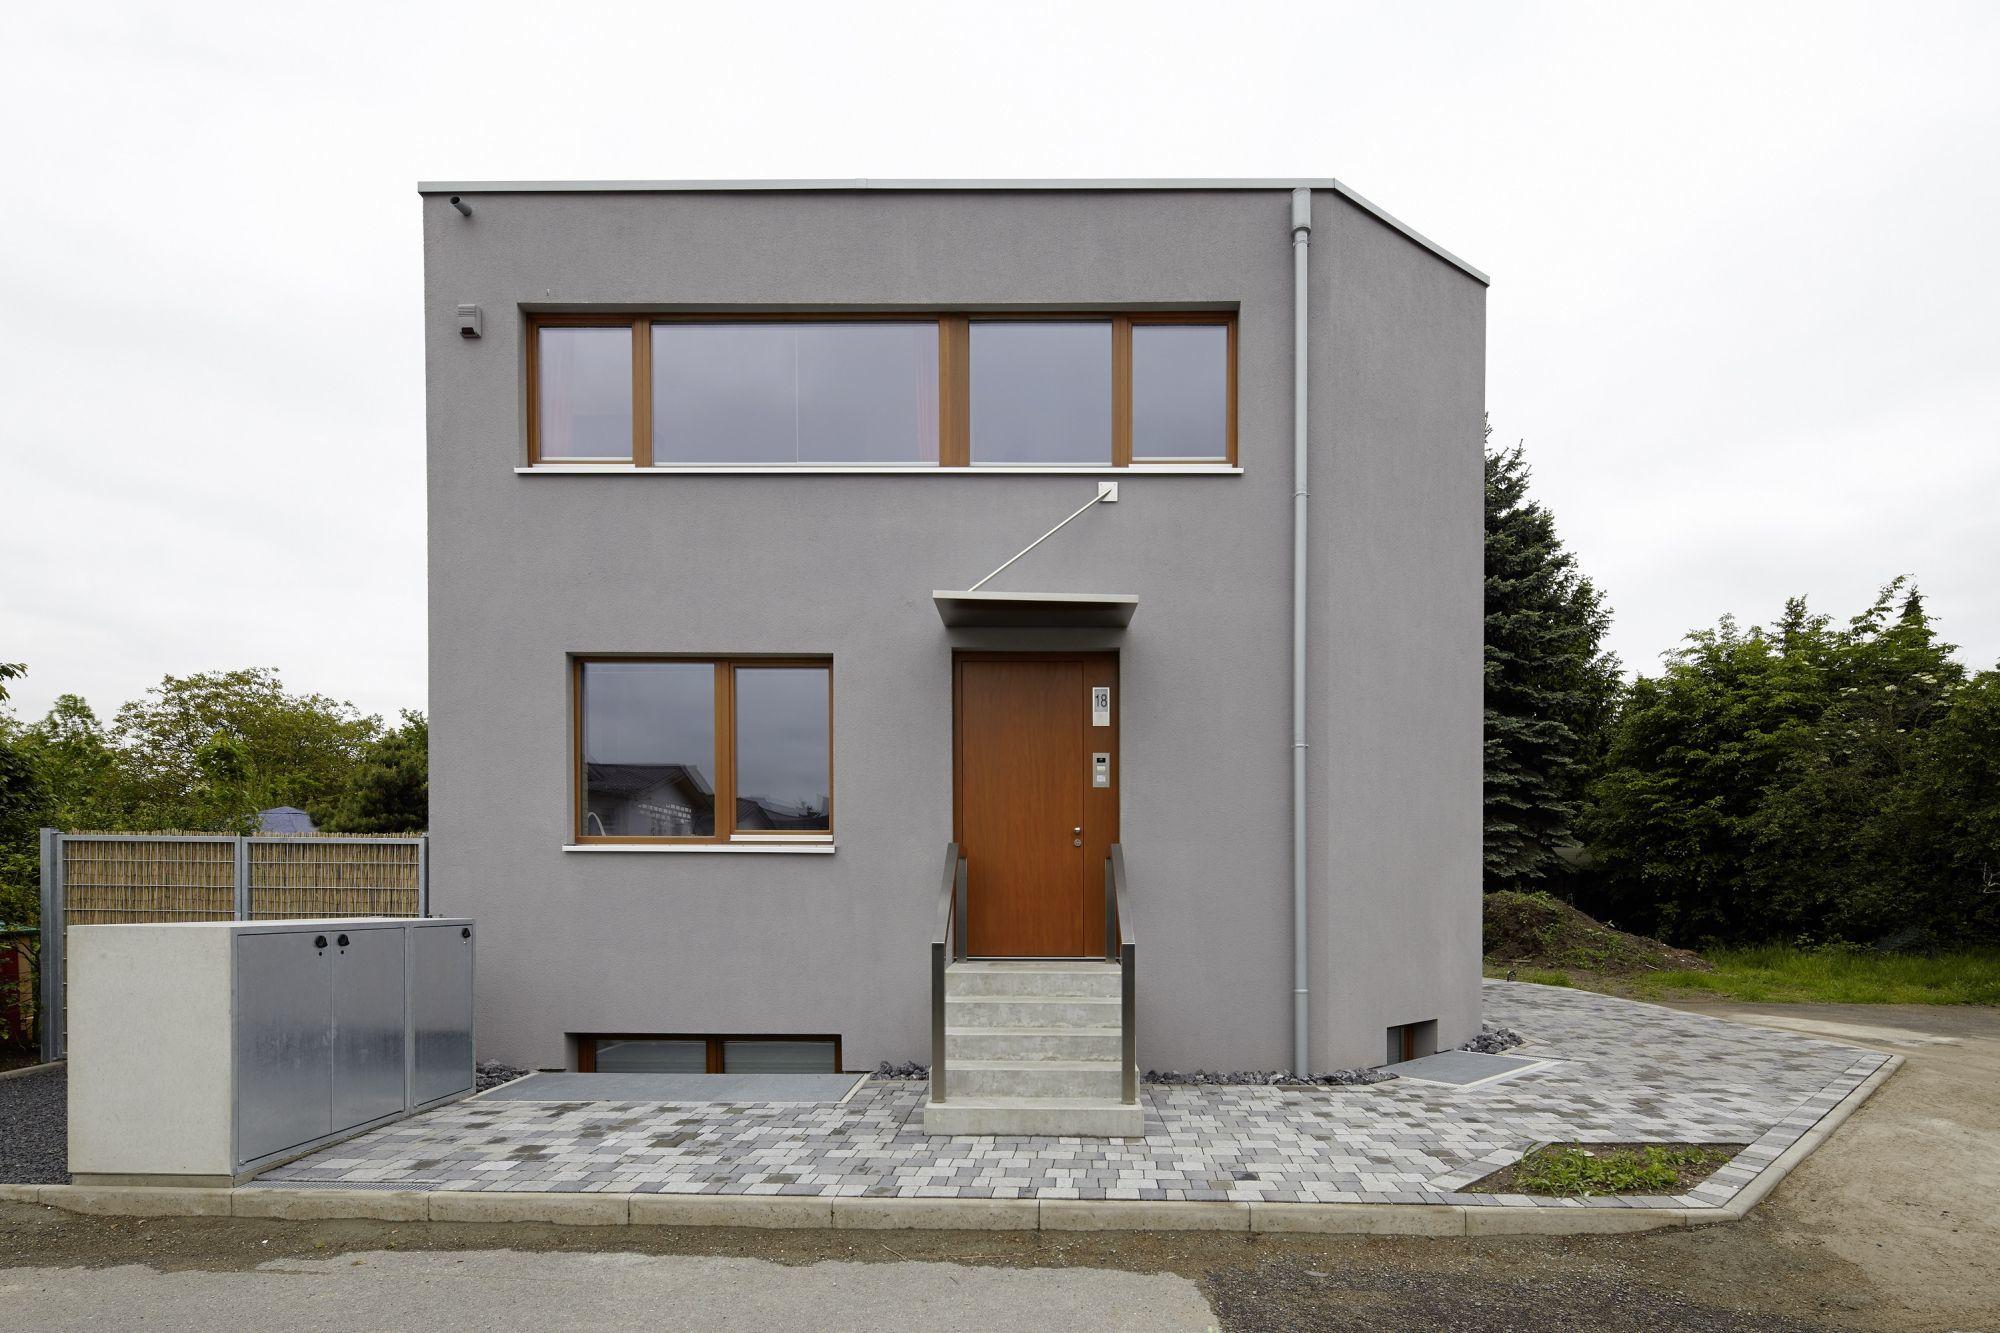 Architekt Duisburg efh duisburg georg döring architekten bda düsseldorf